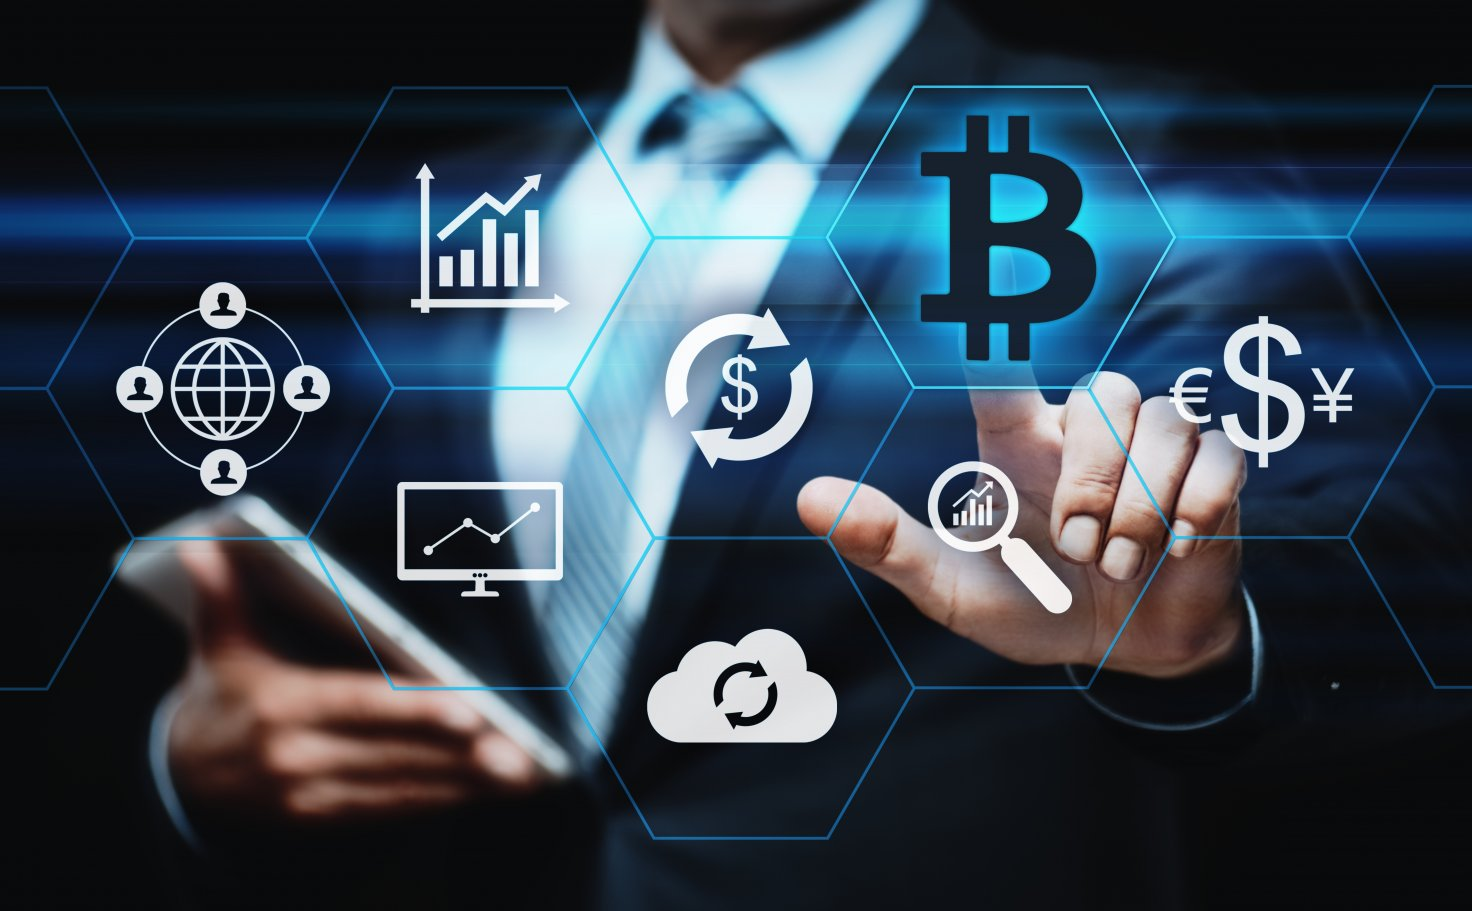 cele mai bune câștiguri bitcoin din 2021 returnează opțiunile binare pdf